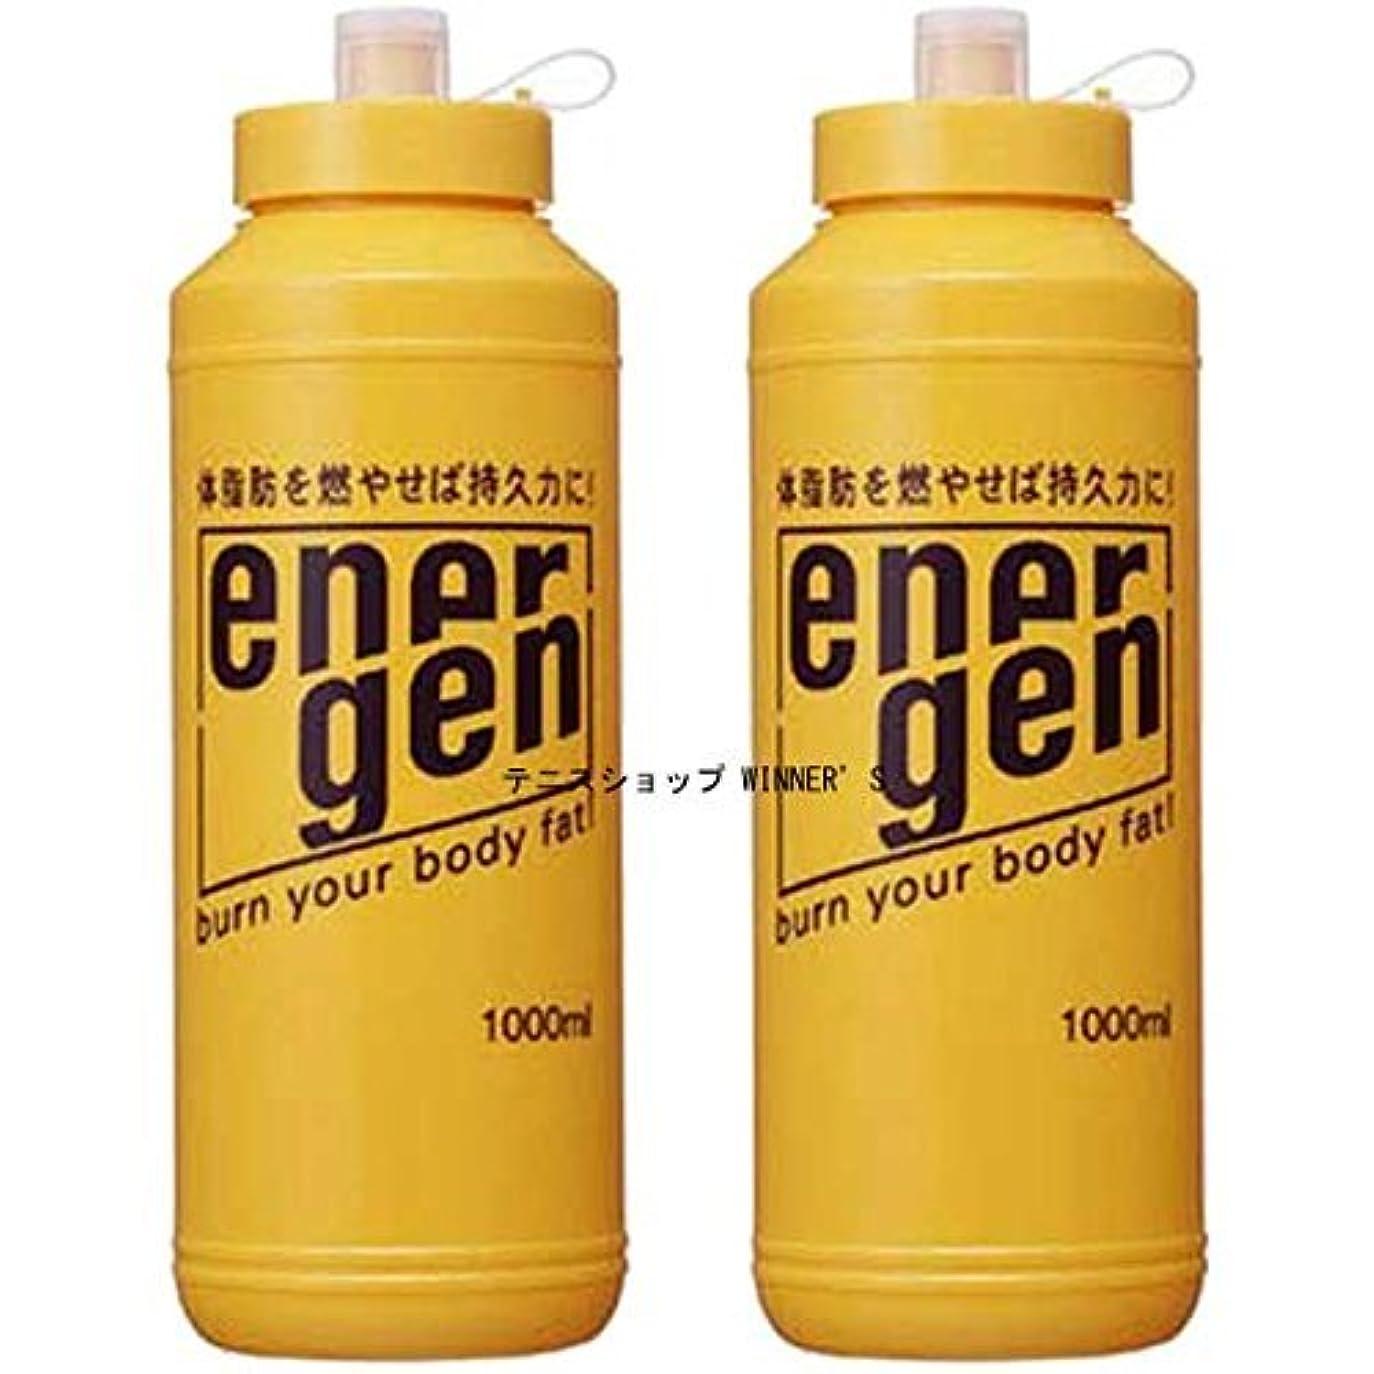 告白する穏やかな他のバンドで大塚製薬 エネルゲン スクイズボトル 1L用×2本 2本セット 55651-2SET